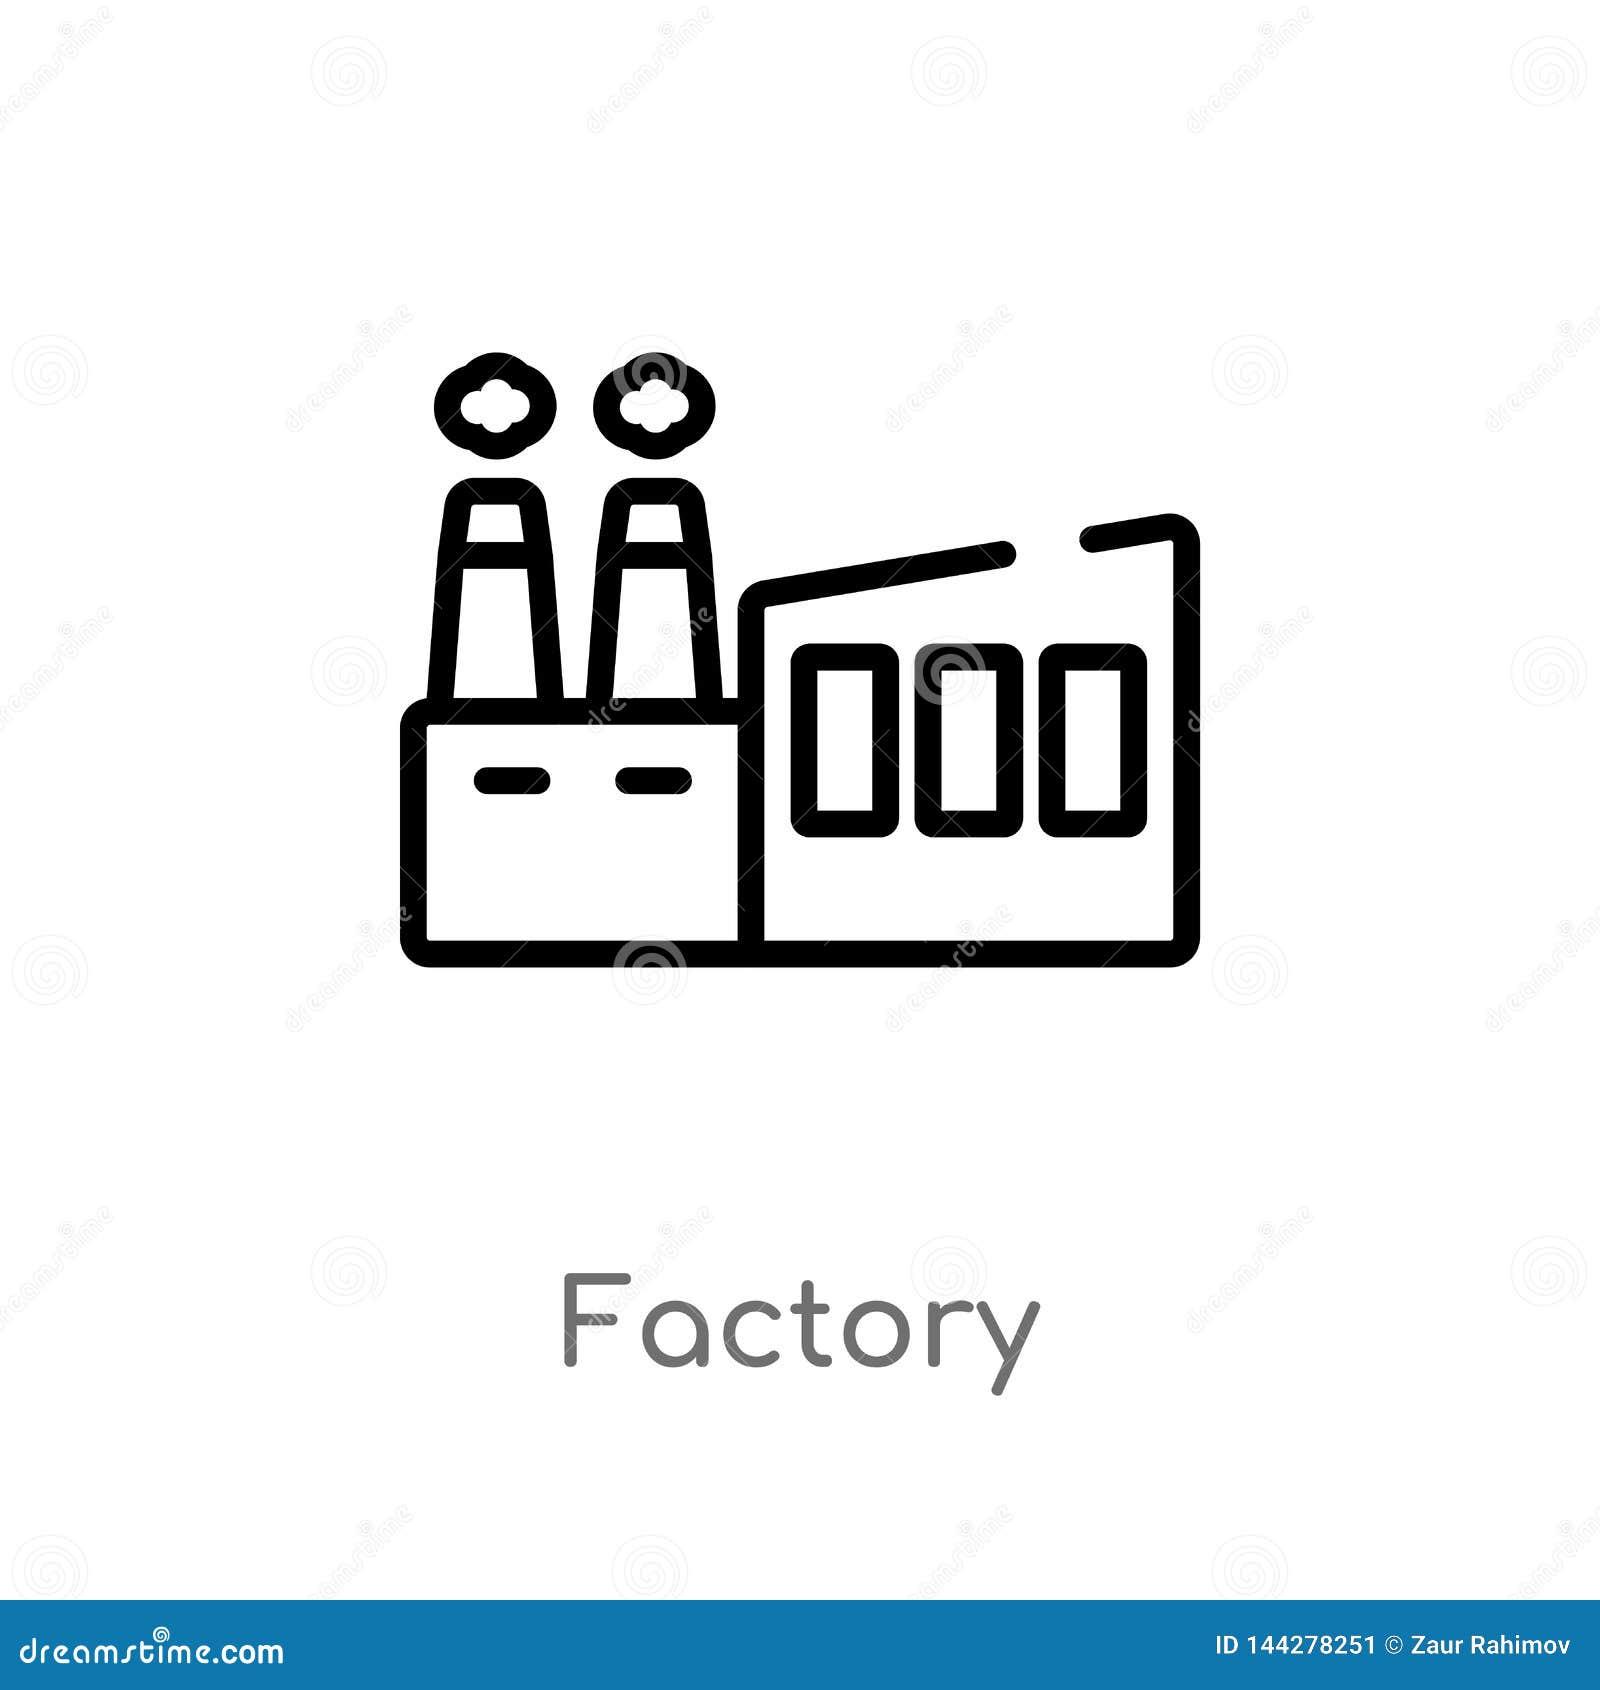 значок вектора фабрики плана изолированная черная простая линия иллюстрация элемента от доставки и логистической концепции r